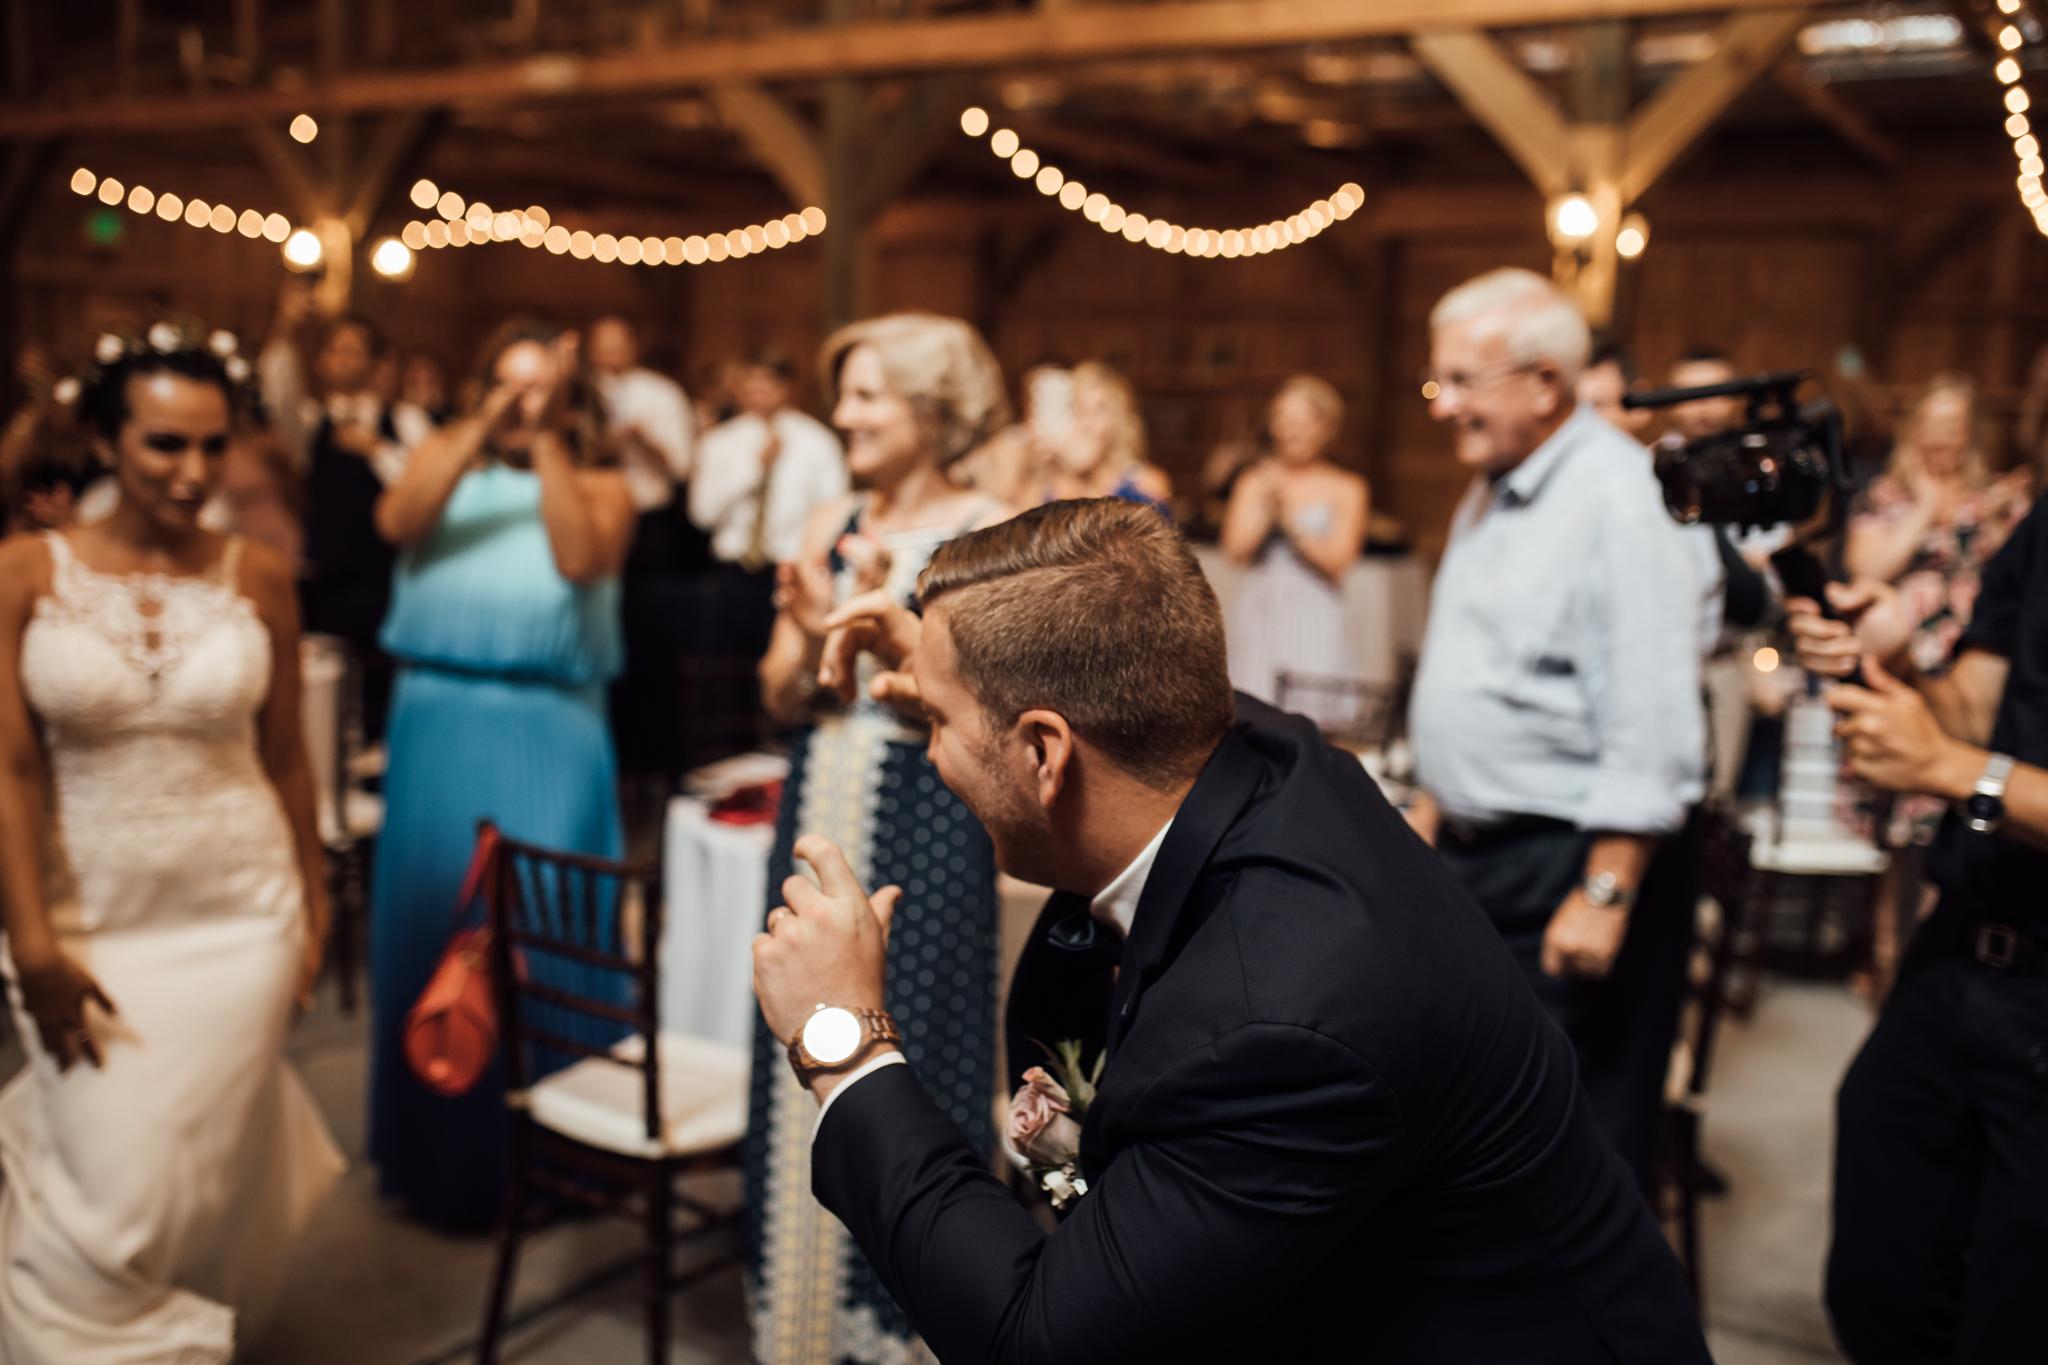 saddlewoodsfarms-nashville-wedding-photographer-thewarmtharoundyou-rustic-wedding (210 of 251).jpg